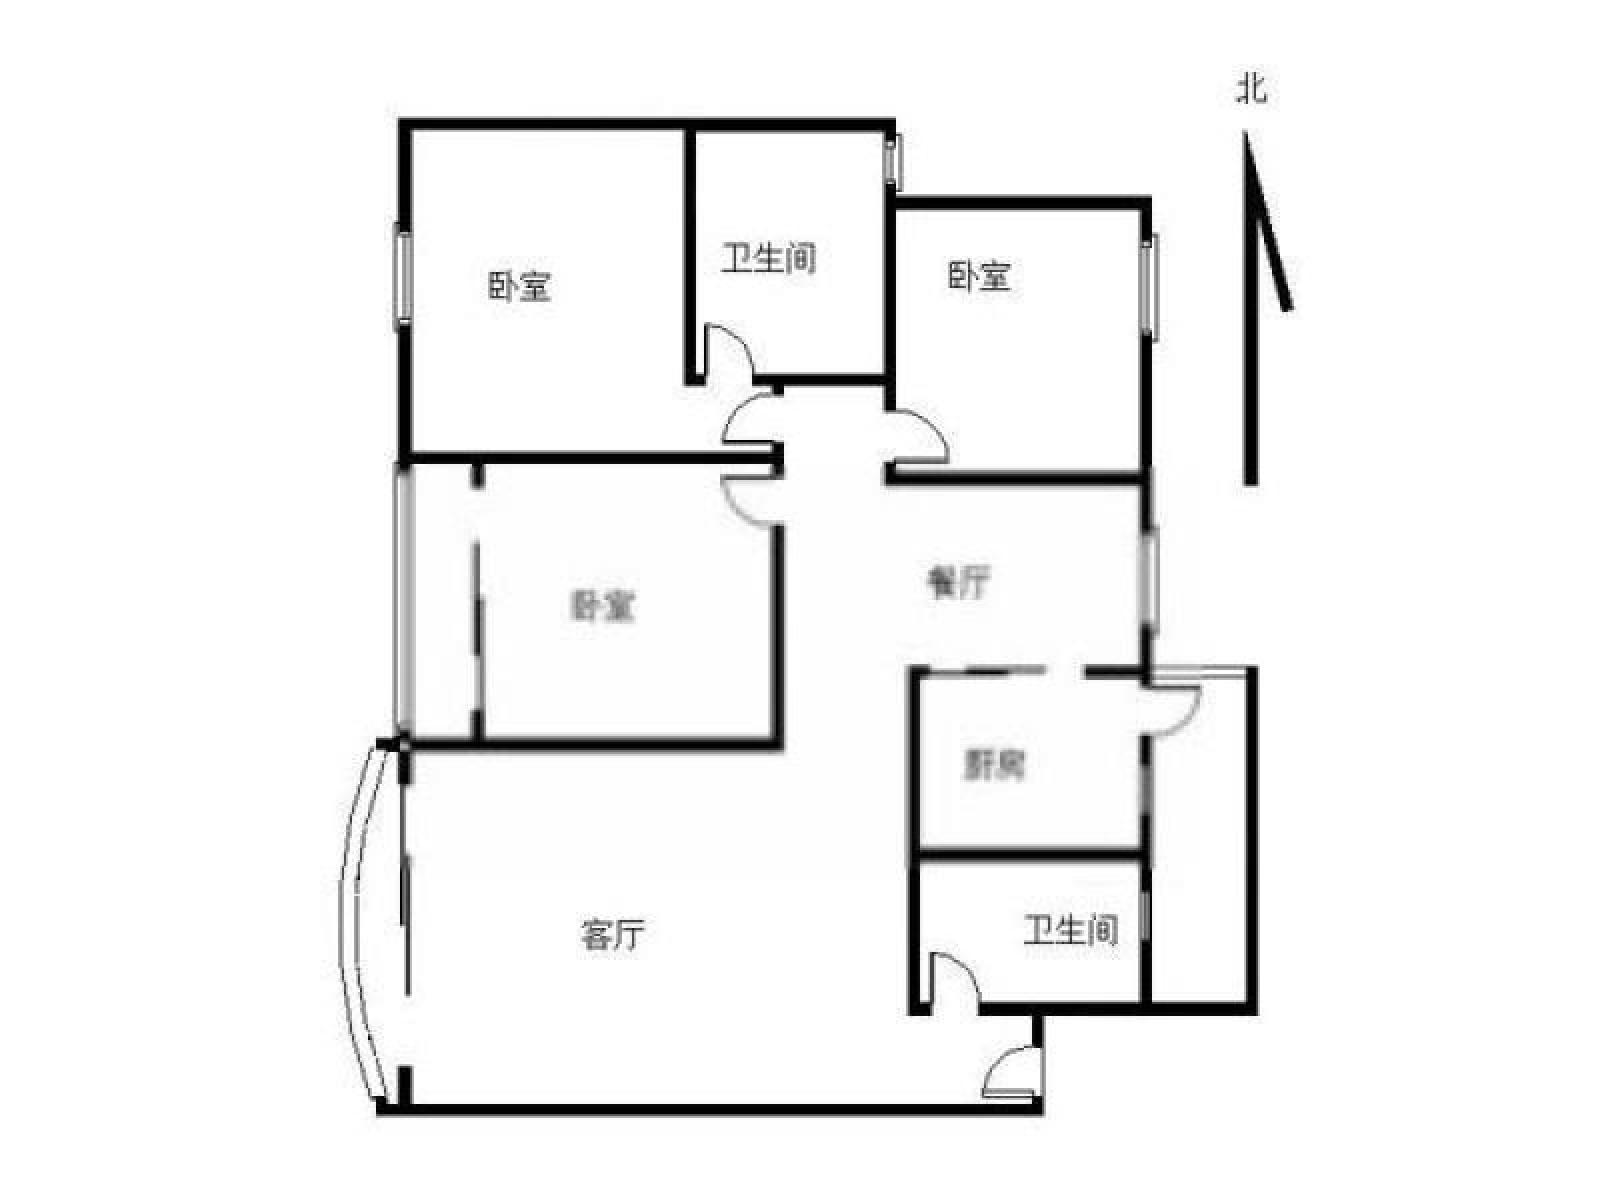 胜泰路地铁口 宁湖园岚岛别墅3室1厅1卫120平米整租精装